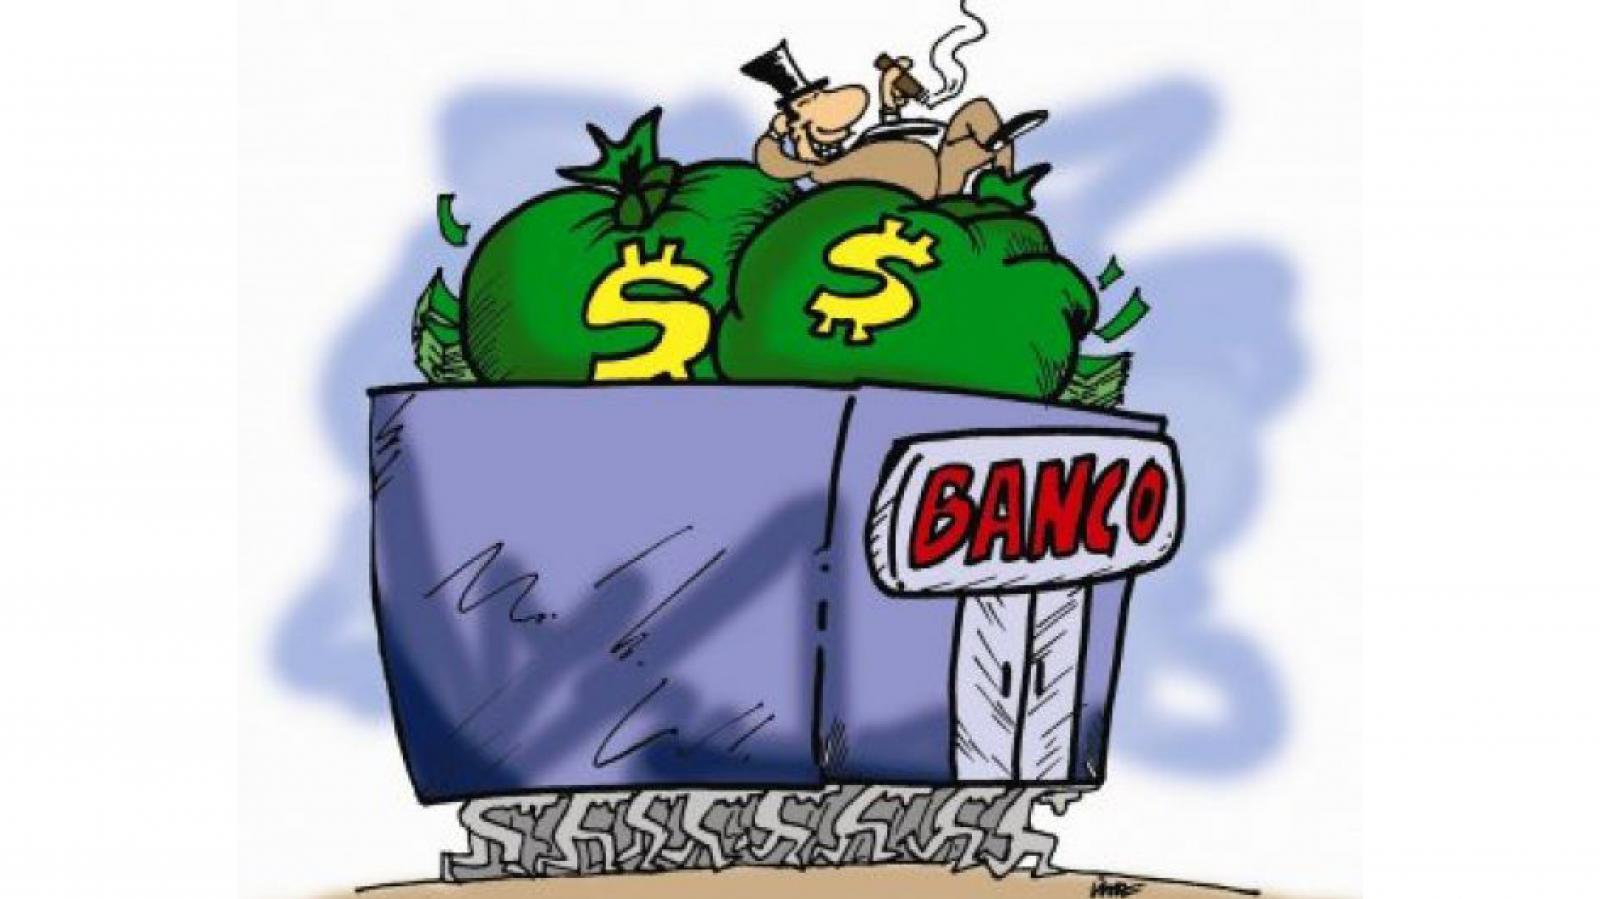 Para os acionistas tudo, mas e para os bancários?